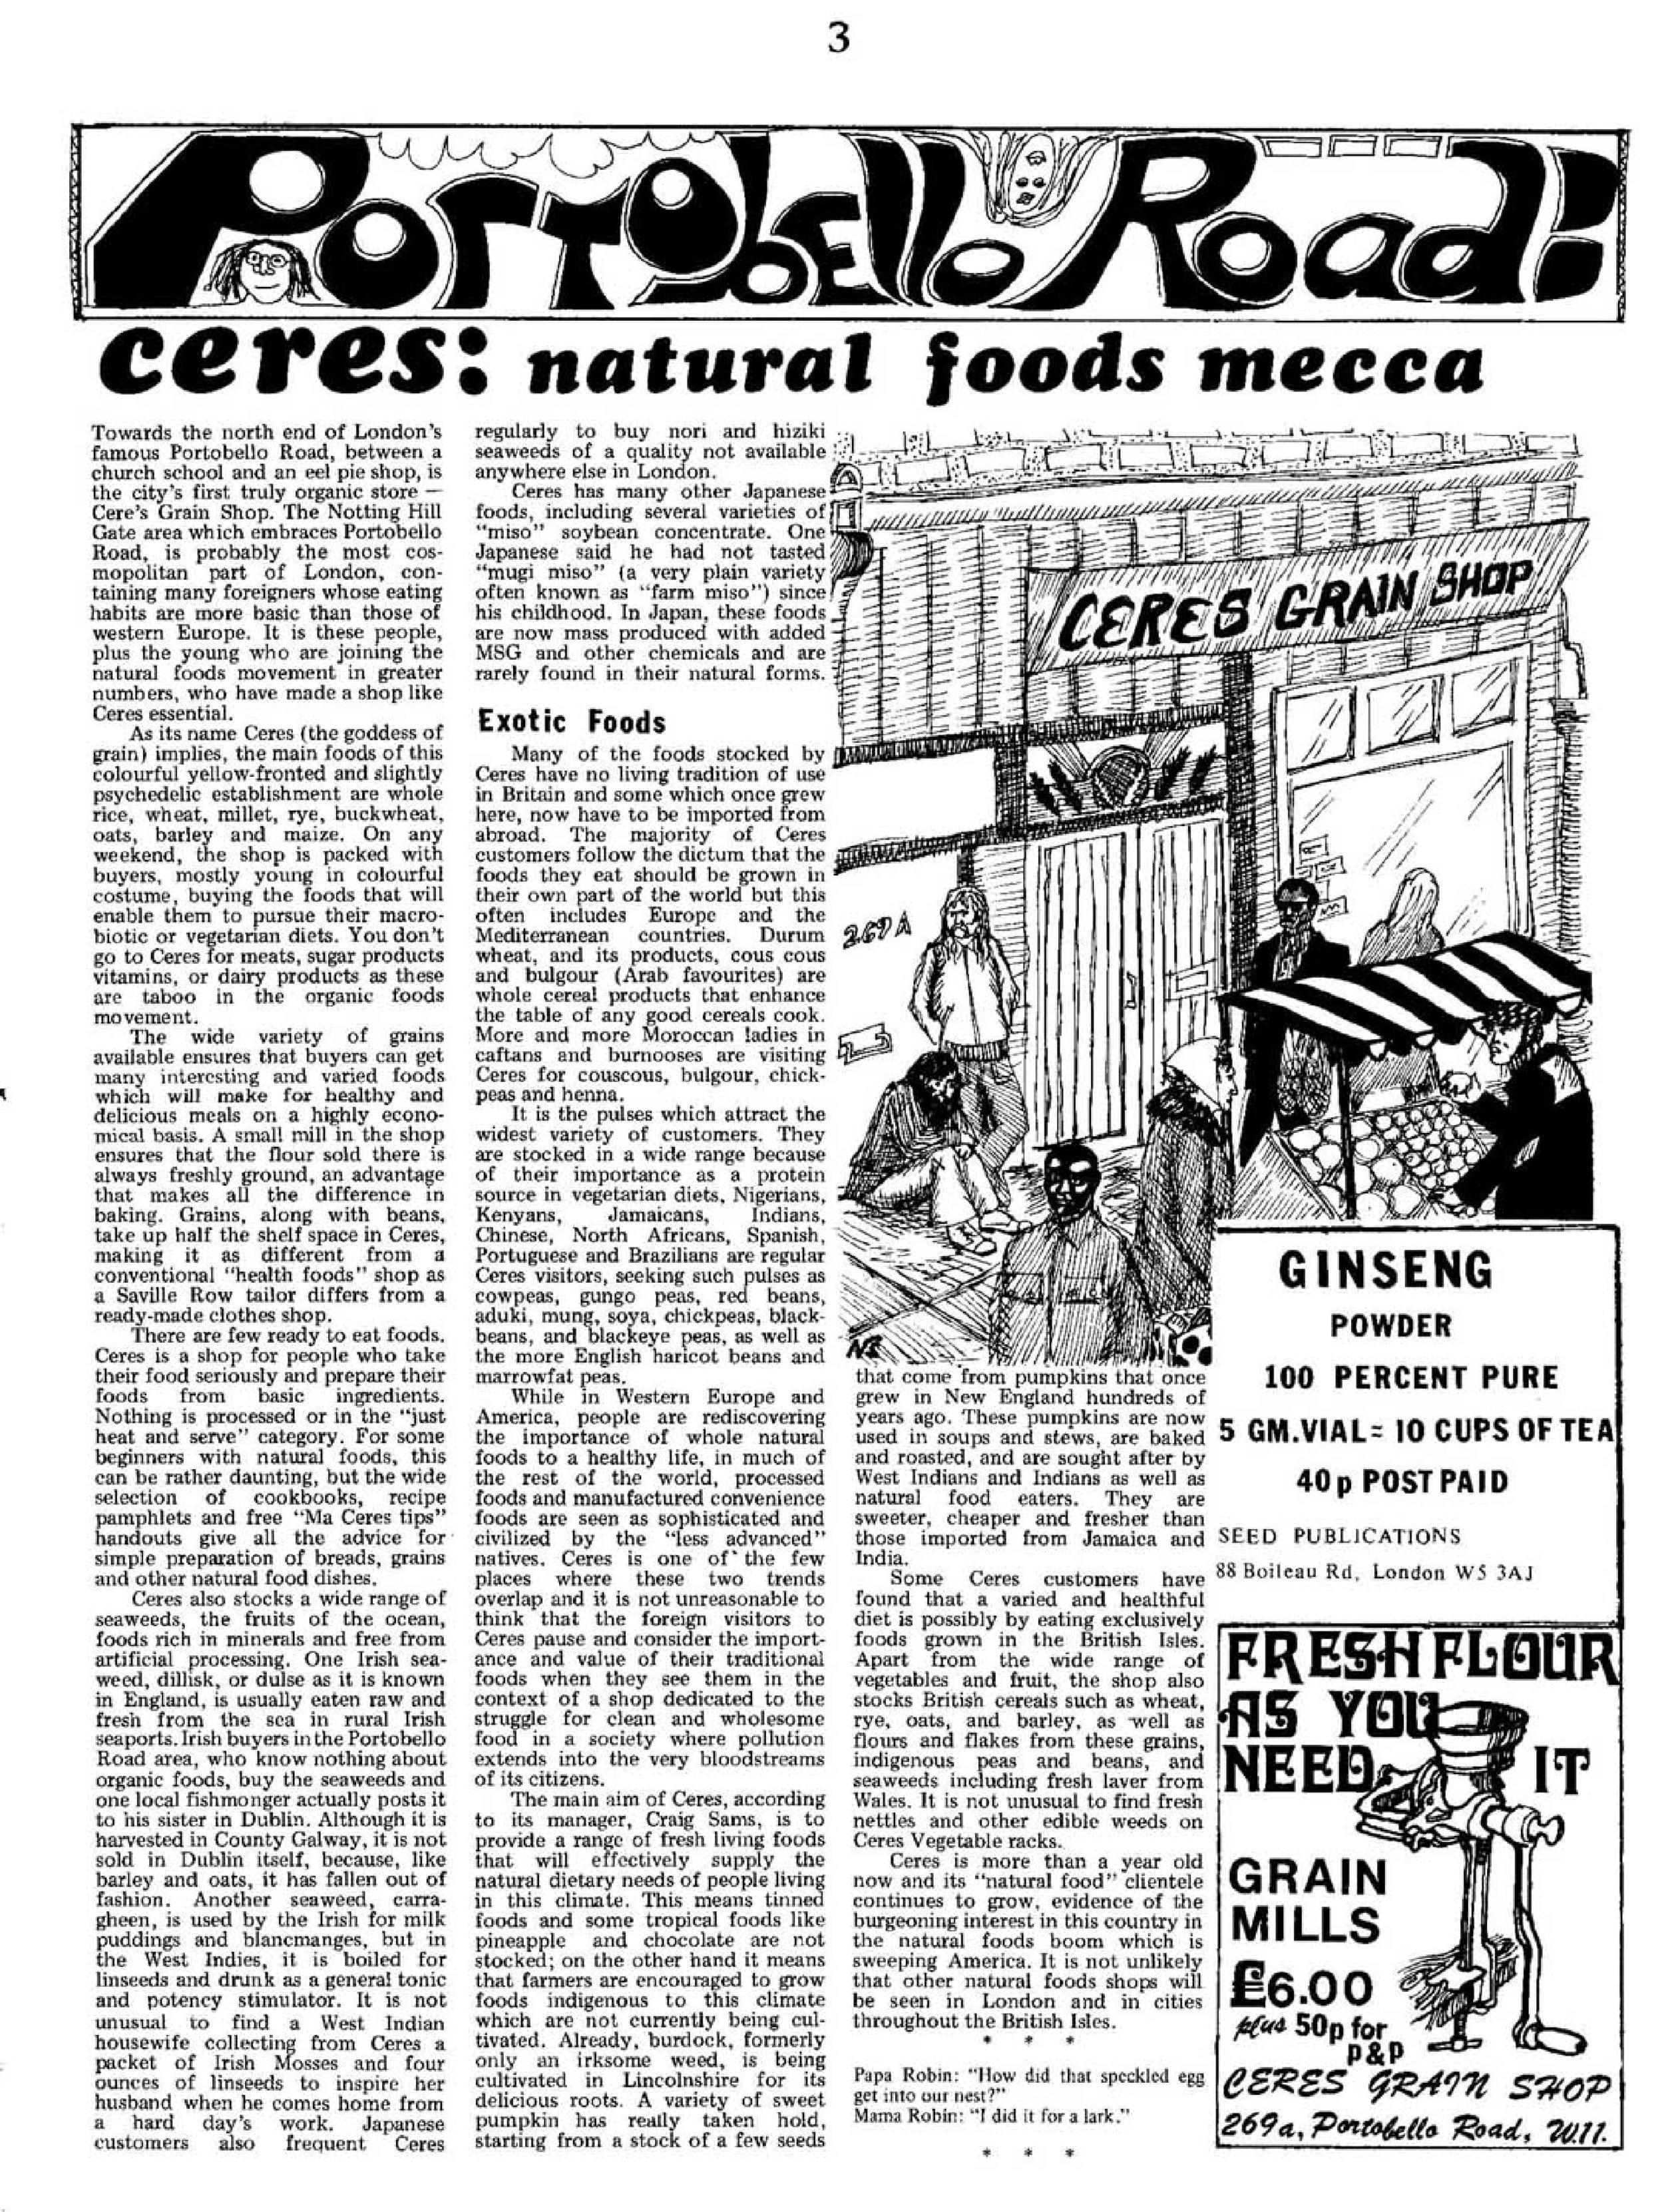 seed-v1-n2-feb1972-03.jpg